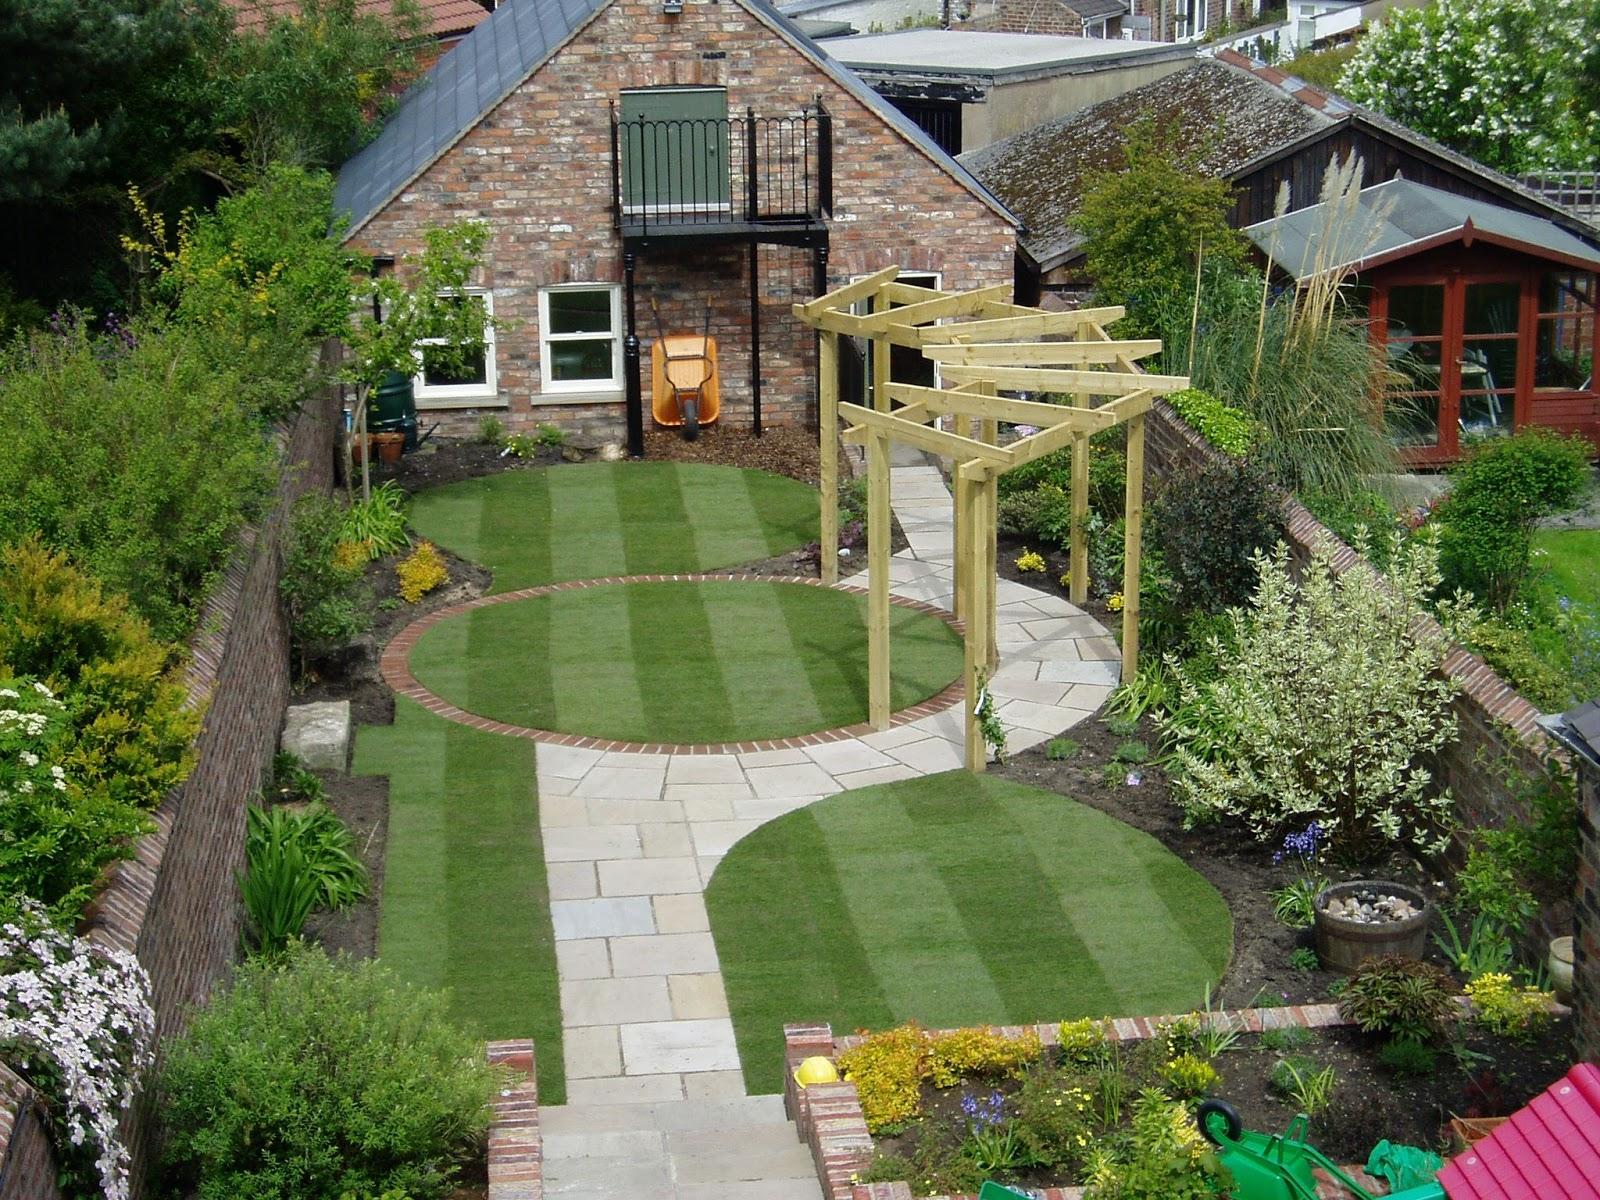 Contoh Karya Desain Taman Minimalis Dalam Rumah Terbaik